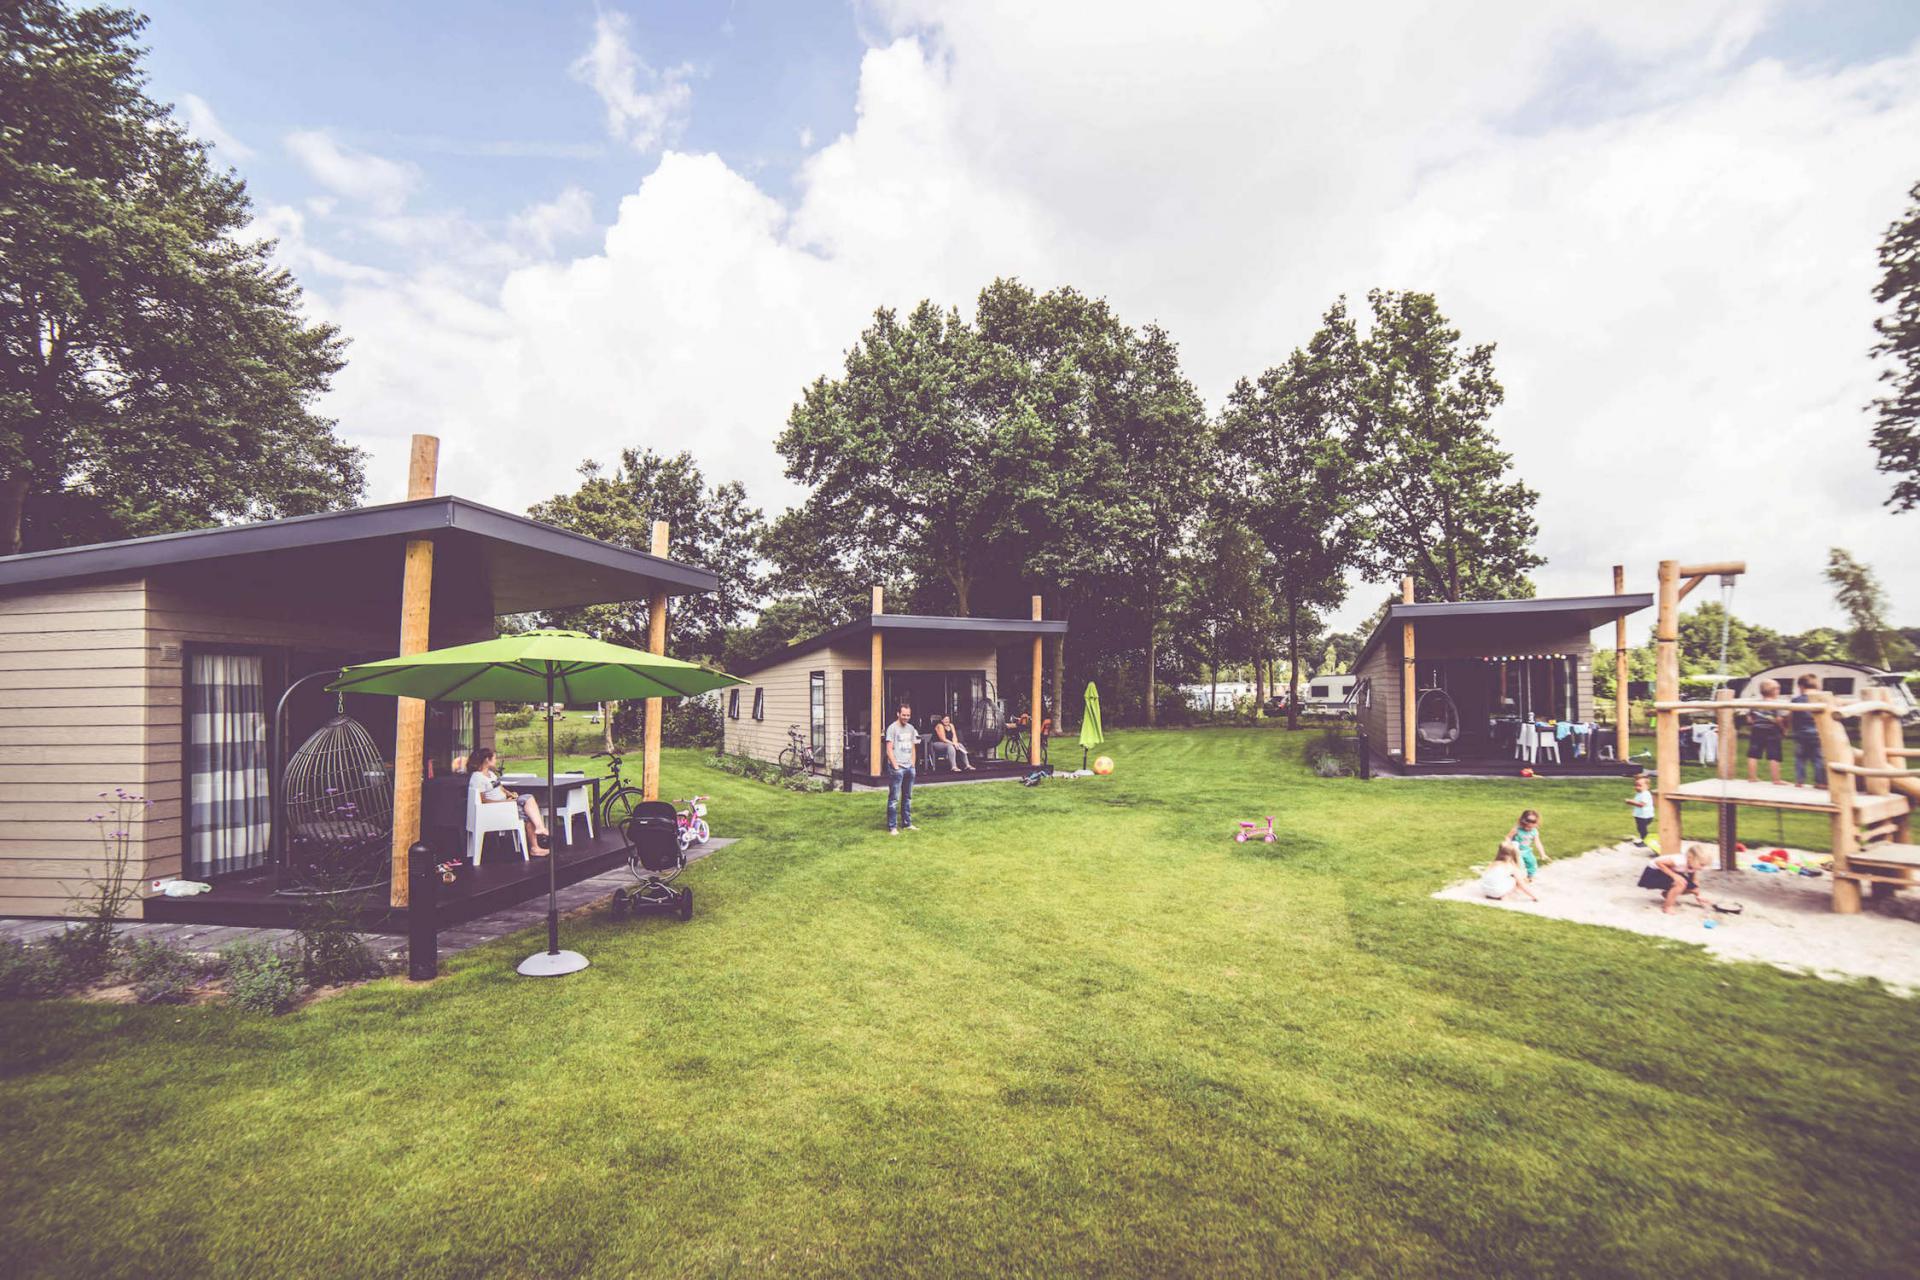 Familiecamping De Belten kampeerplaats 16 ampère Rheeze Overijseel